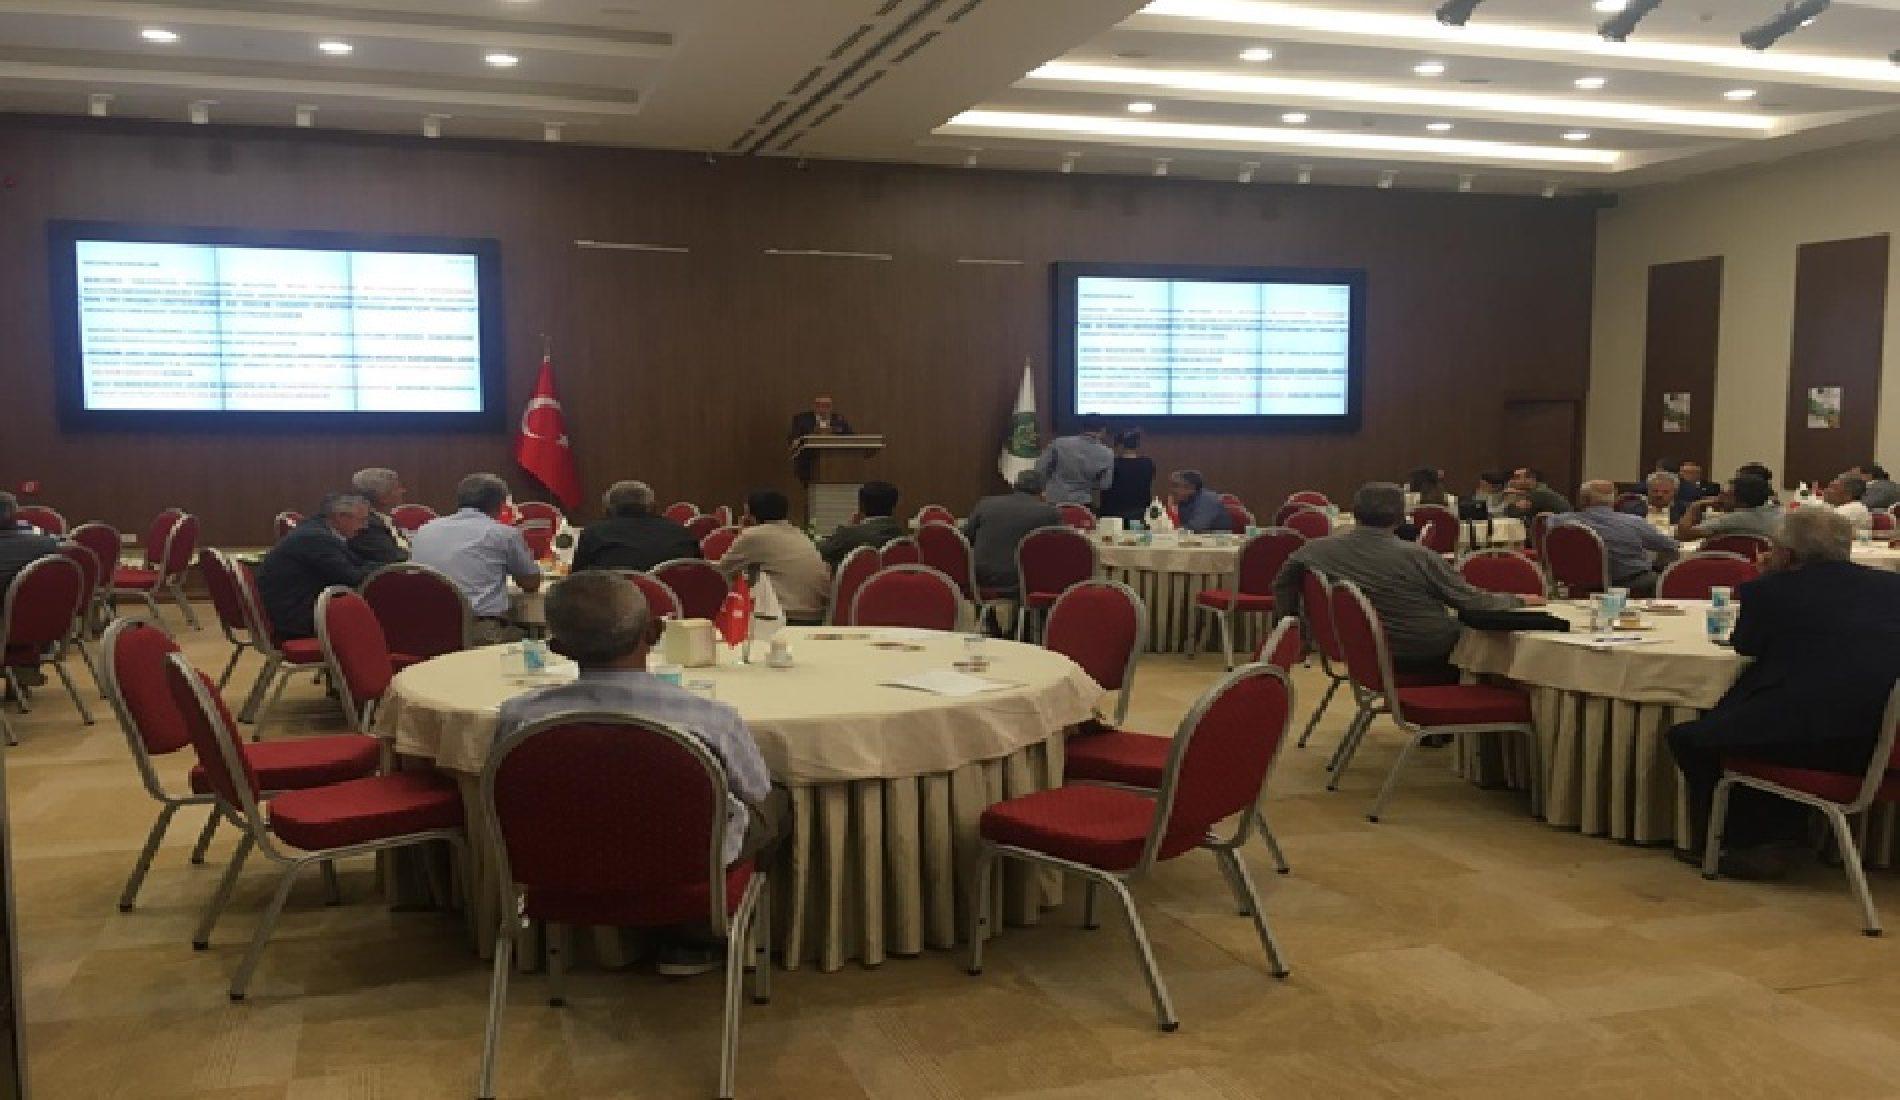 Polatlı Ticaret Borsası Mısır Üreticileri Bilgilendirme Toplantısı Gerçekleştirdi…